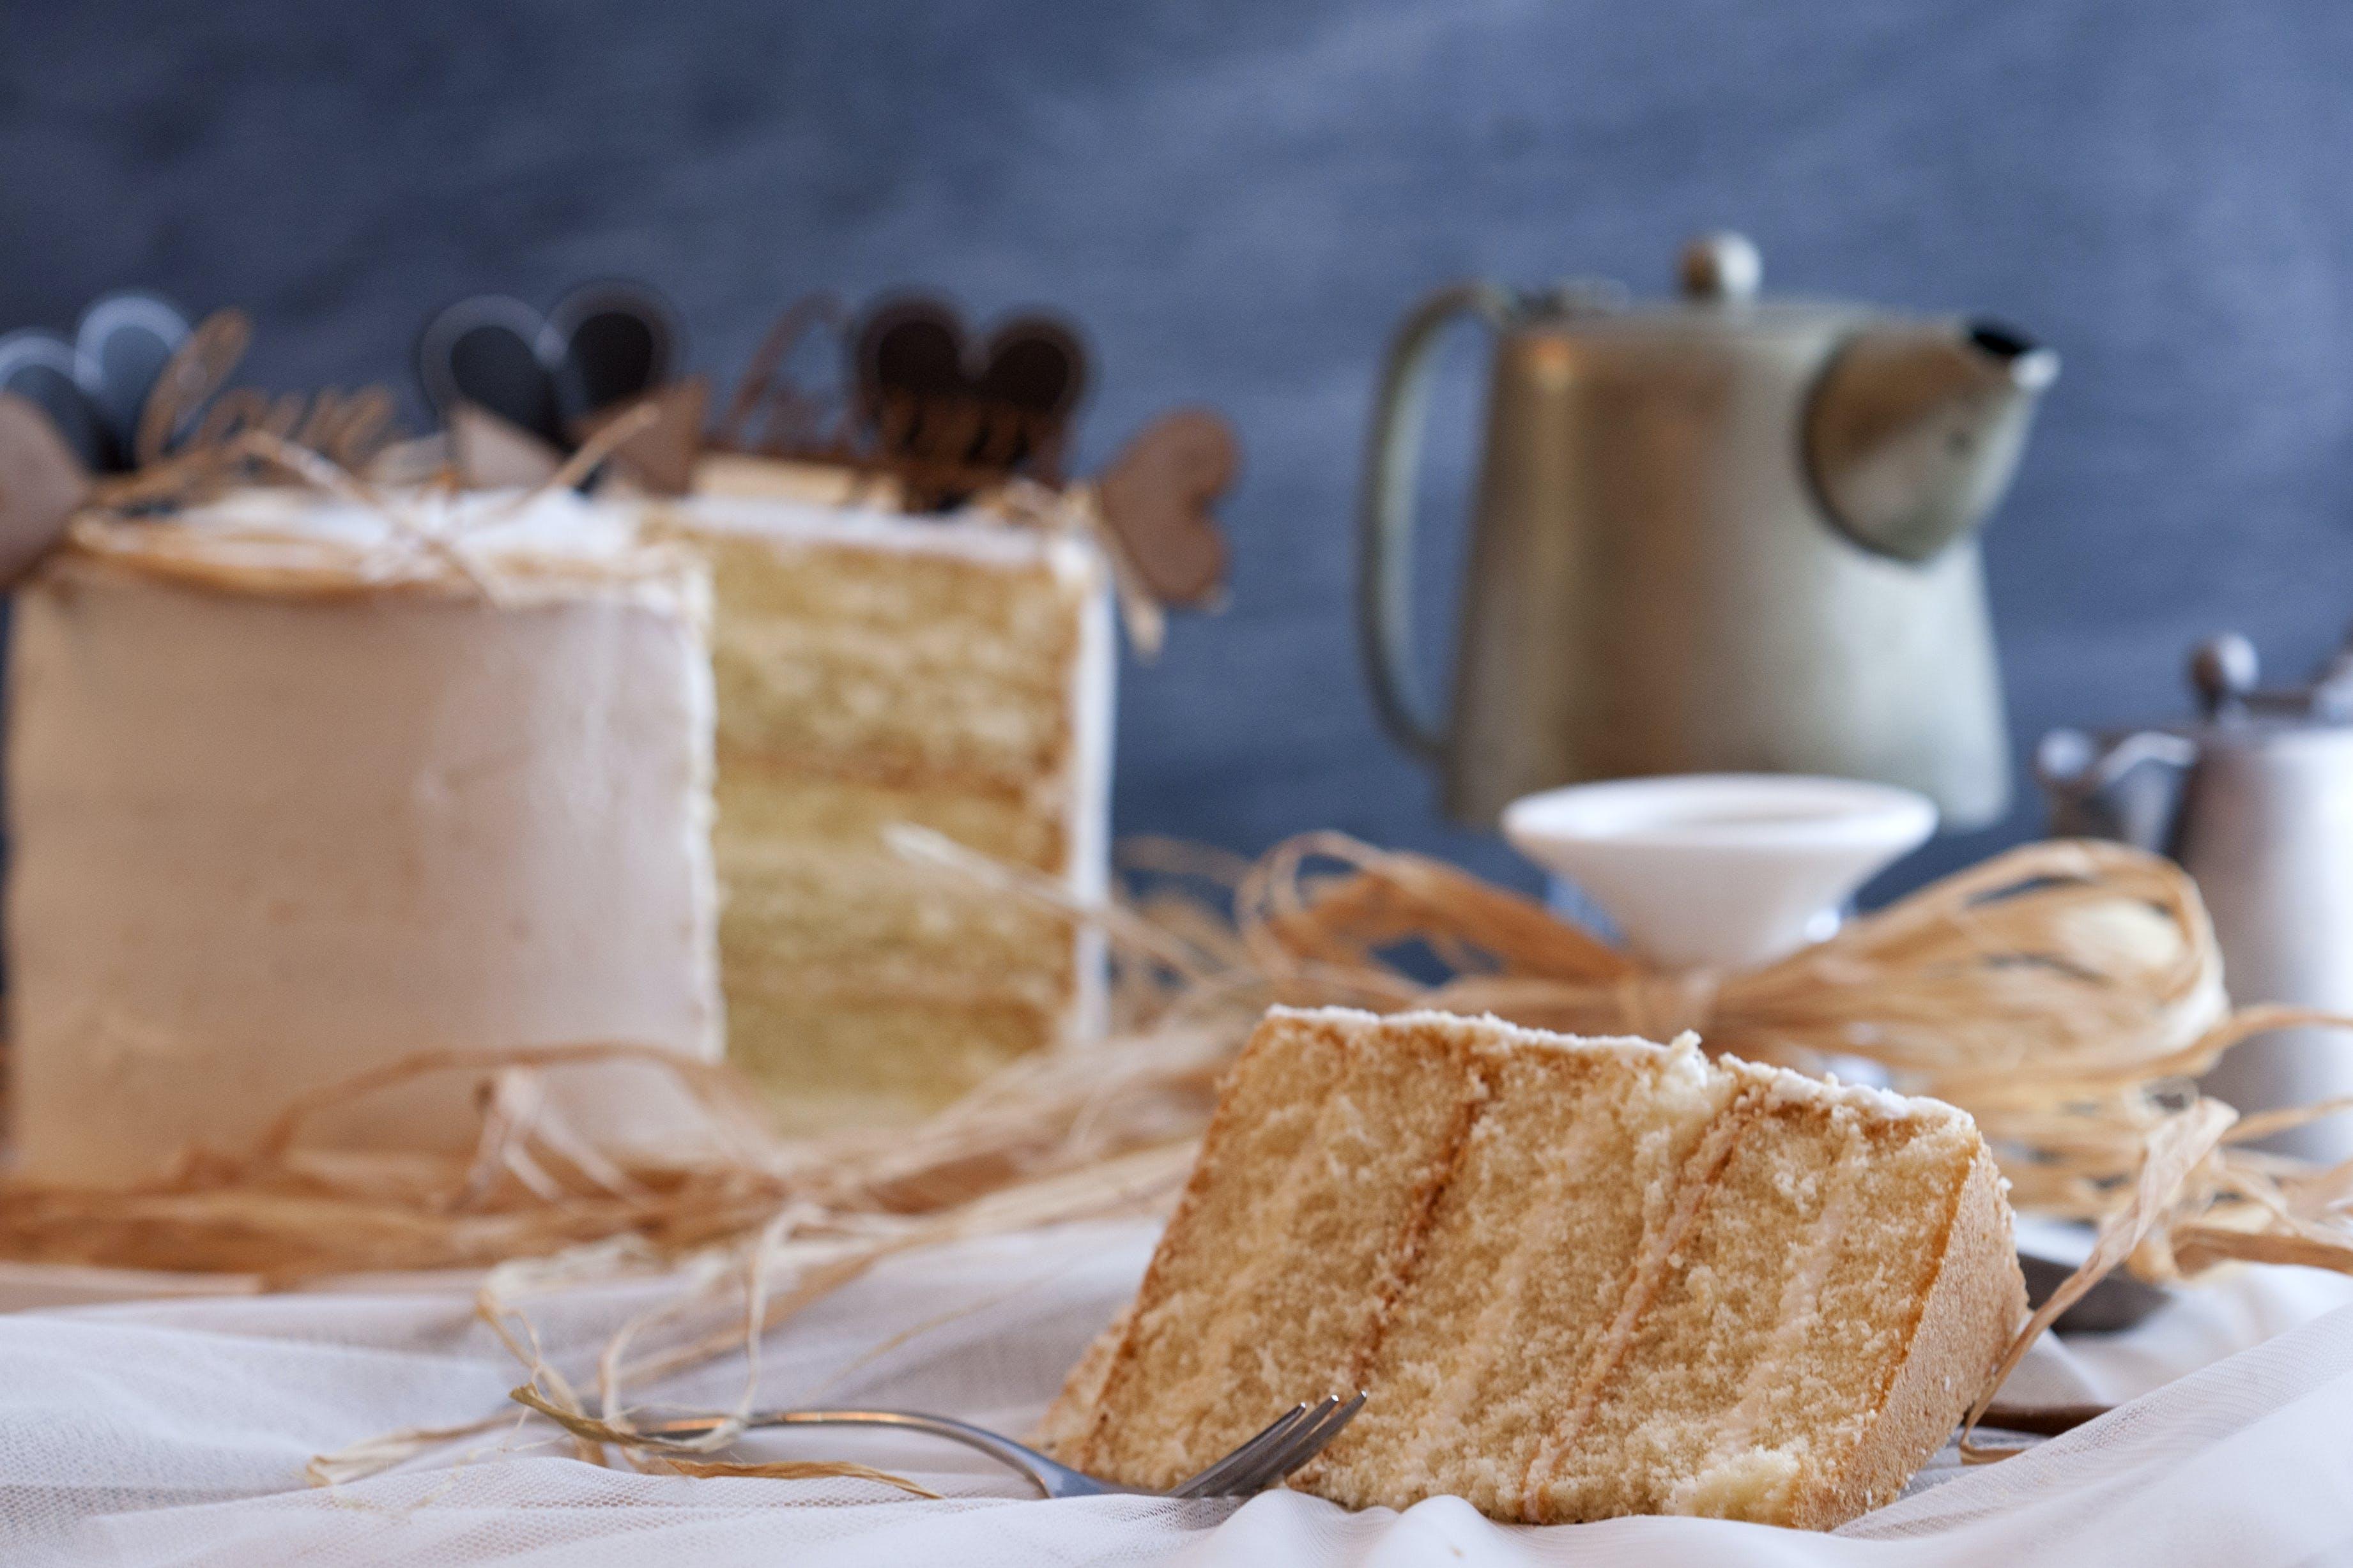 Δωρεάν στοκ φωτογραφιών με γλυκά, επιείκεια, ζυμάρι, κέικ